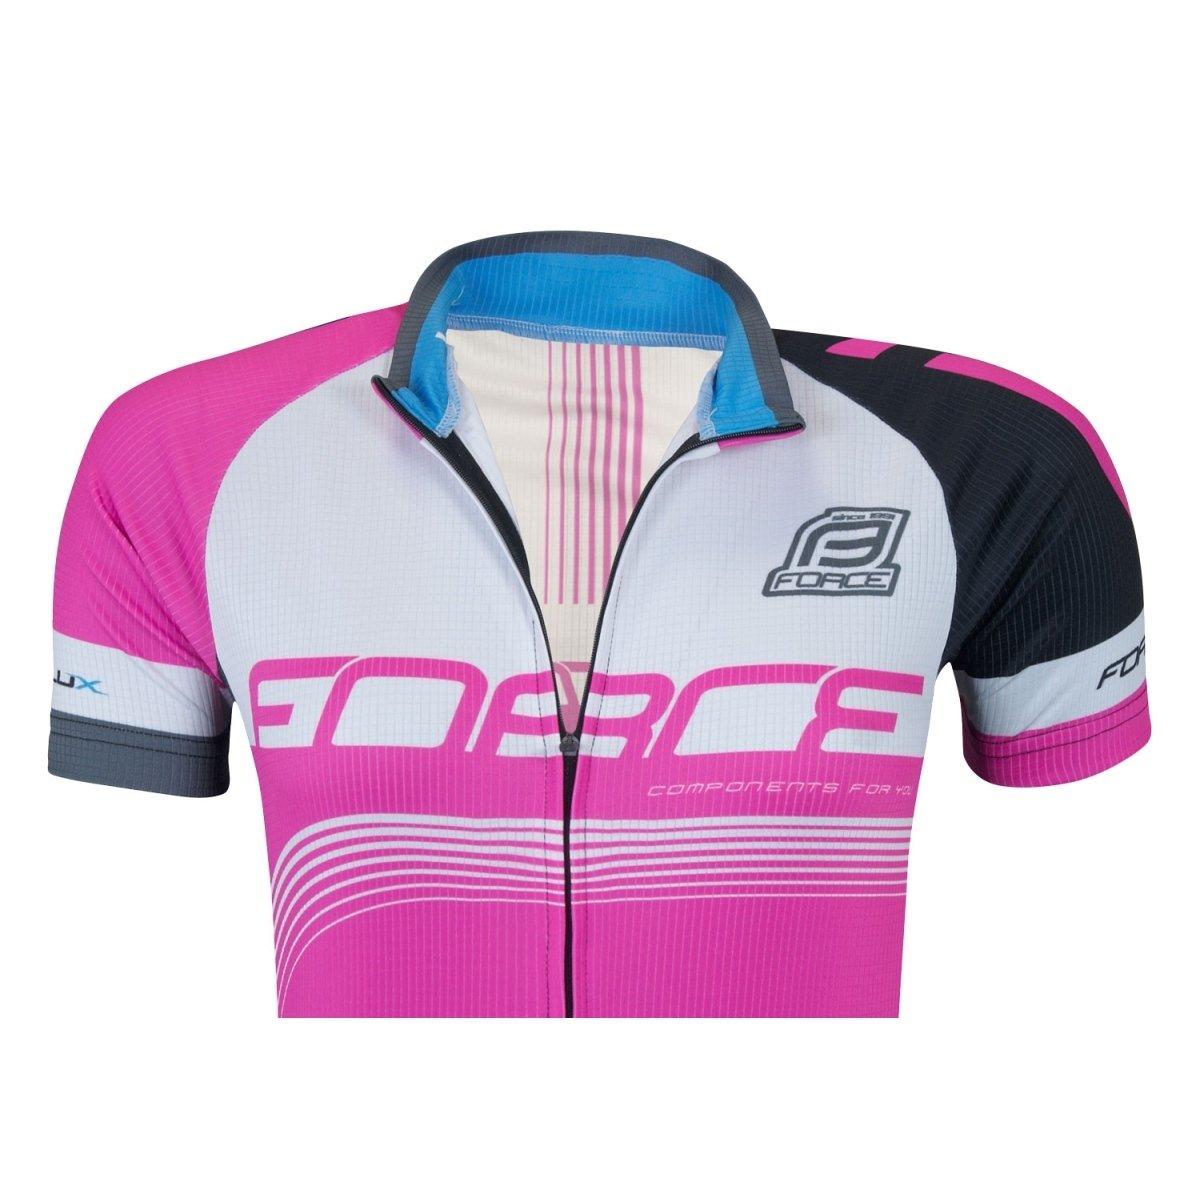 Force Lux jersey kvinde Pink/Hvid/Sort - 299,00 : Cykelgear.dk - Cykelgear.dk